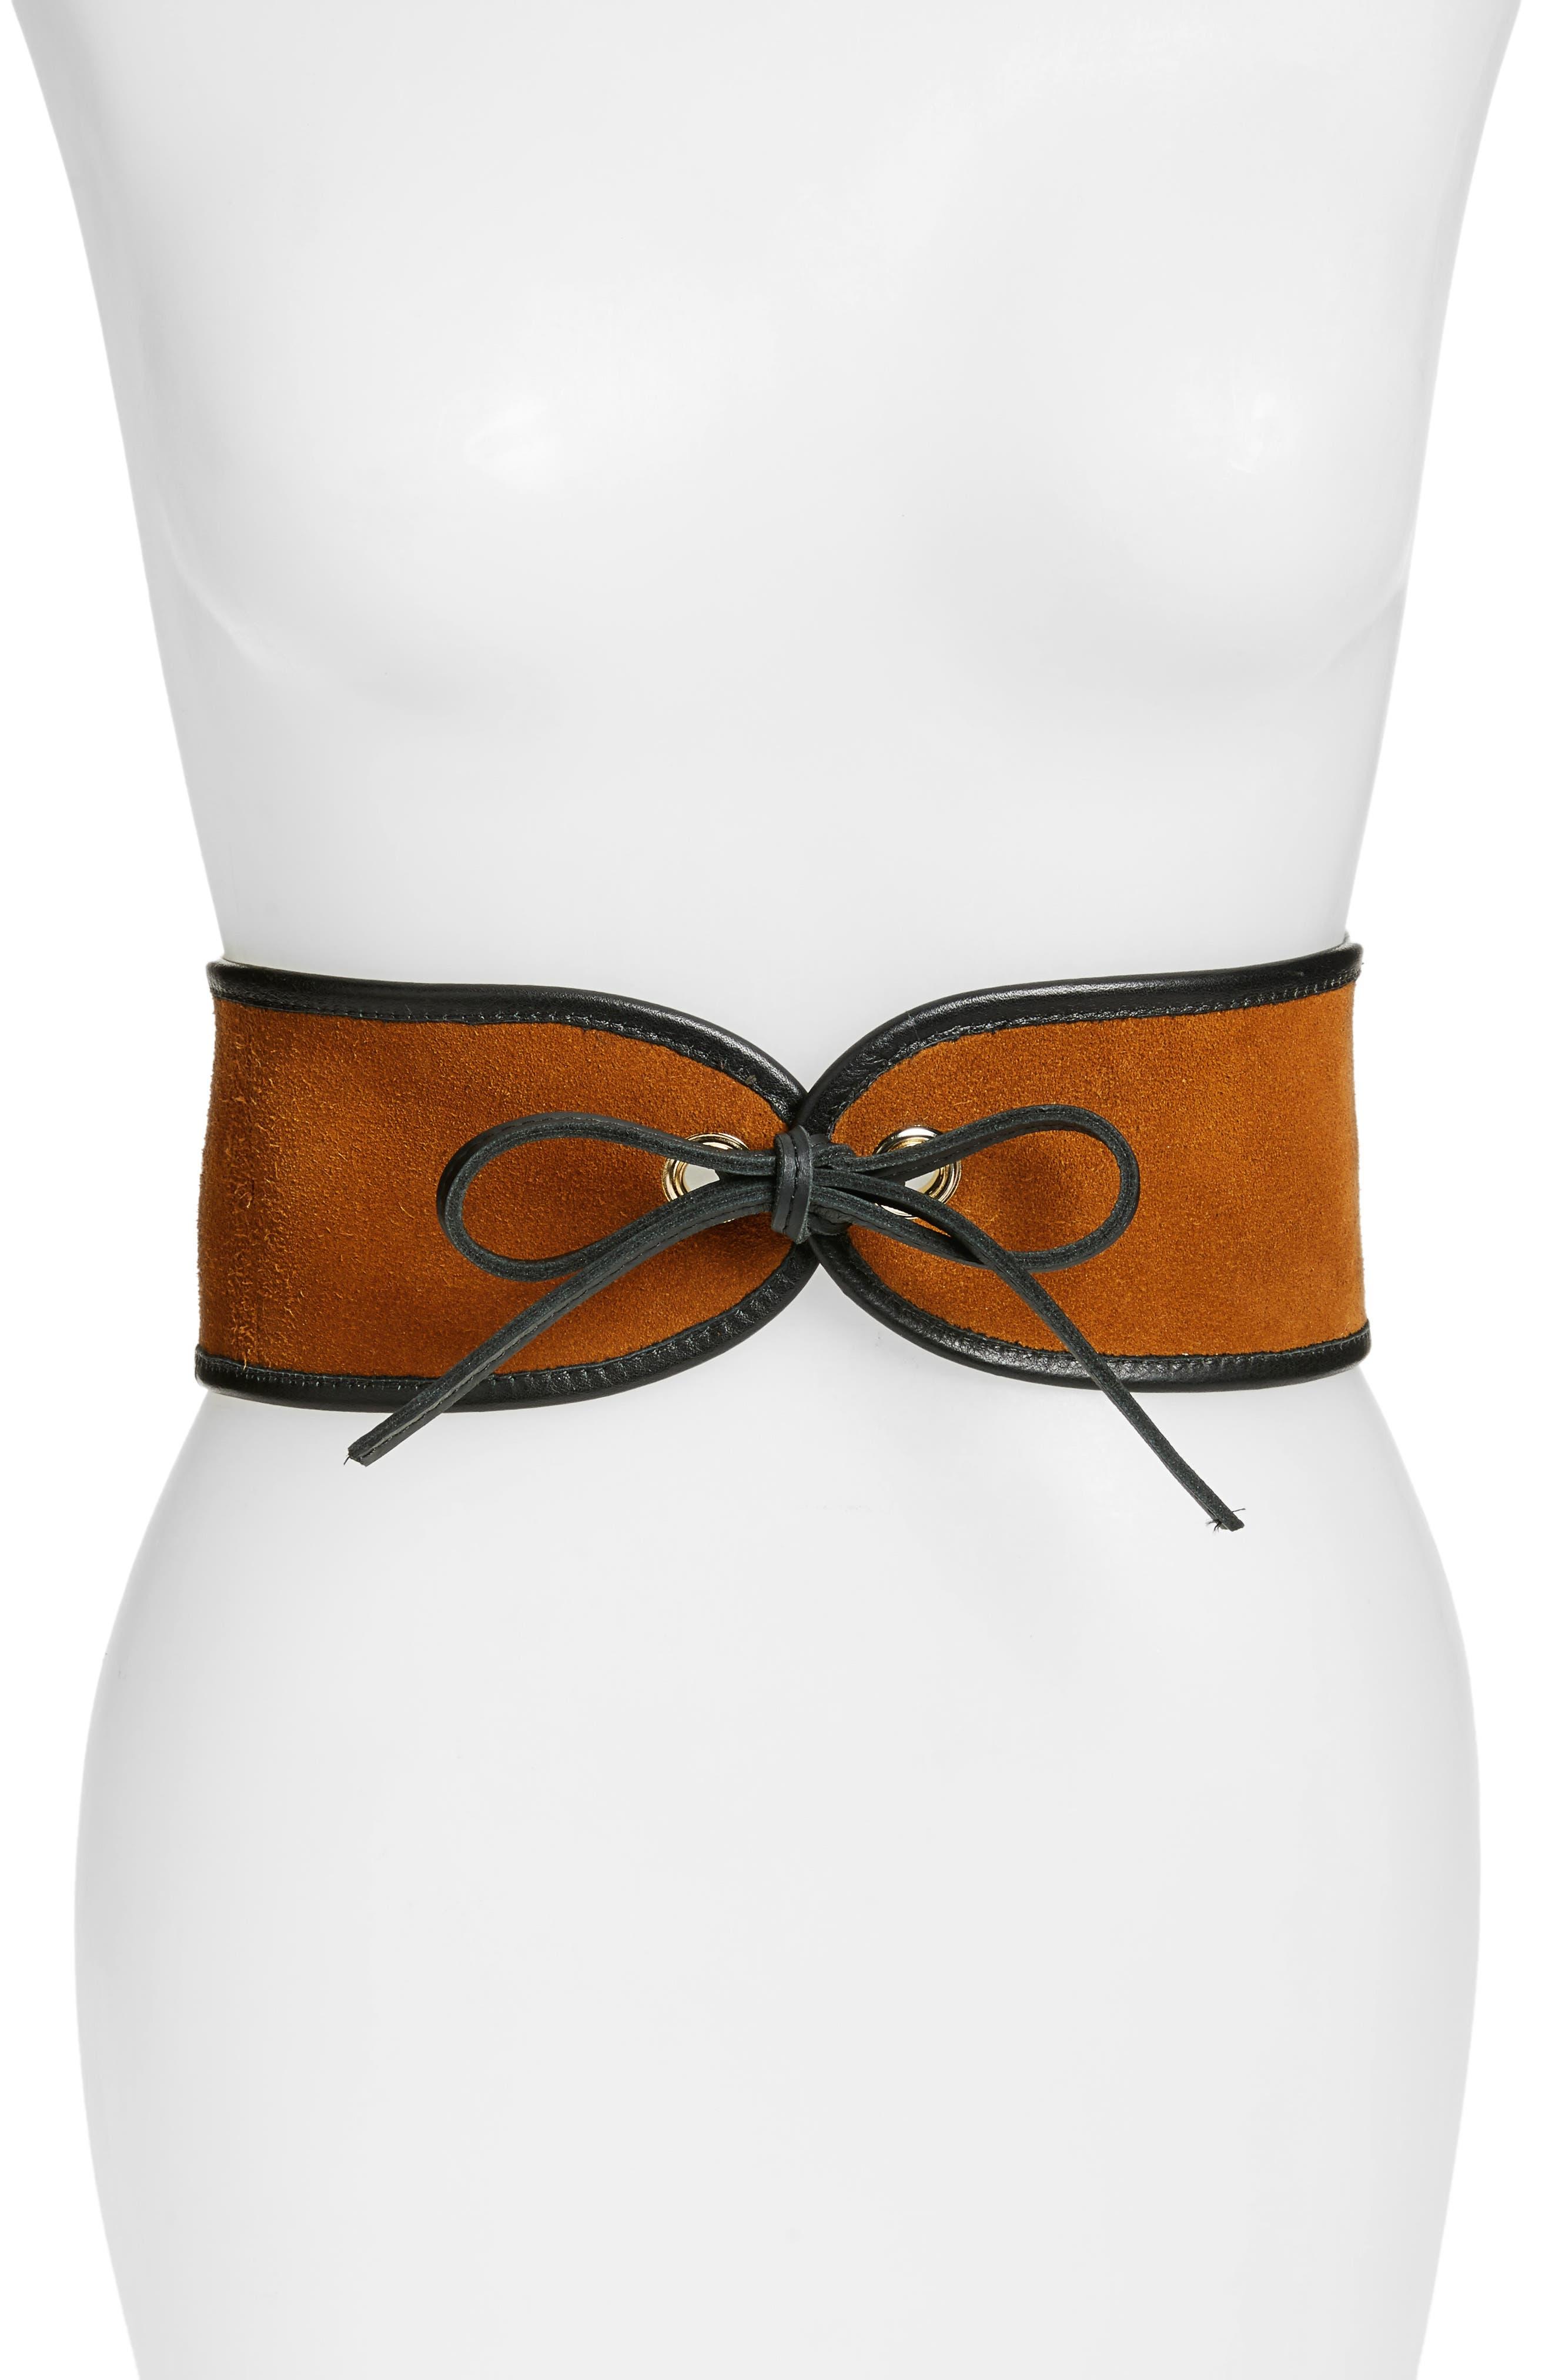 Casablanca Leather Corset Belt,                         Main,                         color, Cognac/ Black